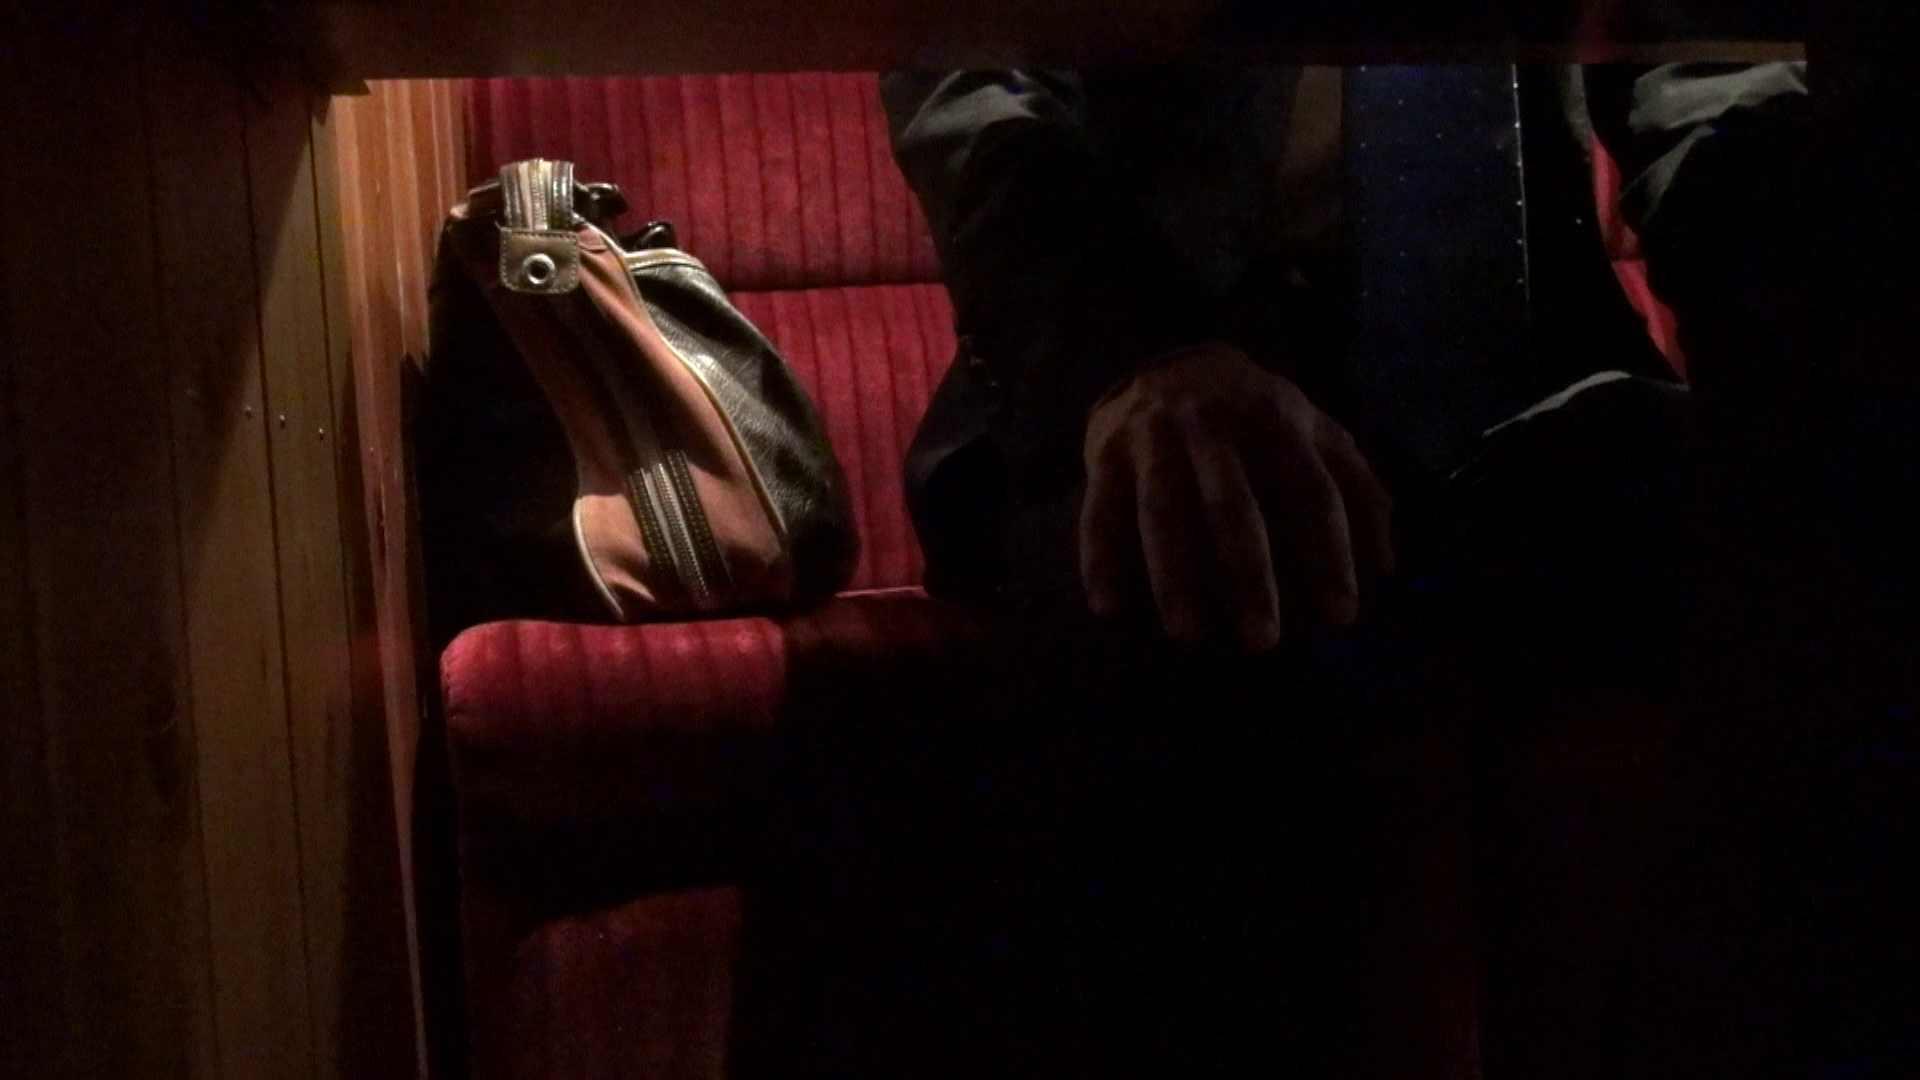 episode1 ヒロトさんと保険外交員との顔合わせ リアル・マンコ AV無料動画キャプチャ 71pic 33